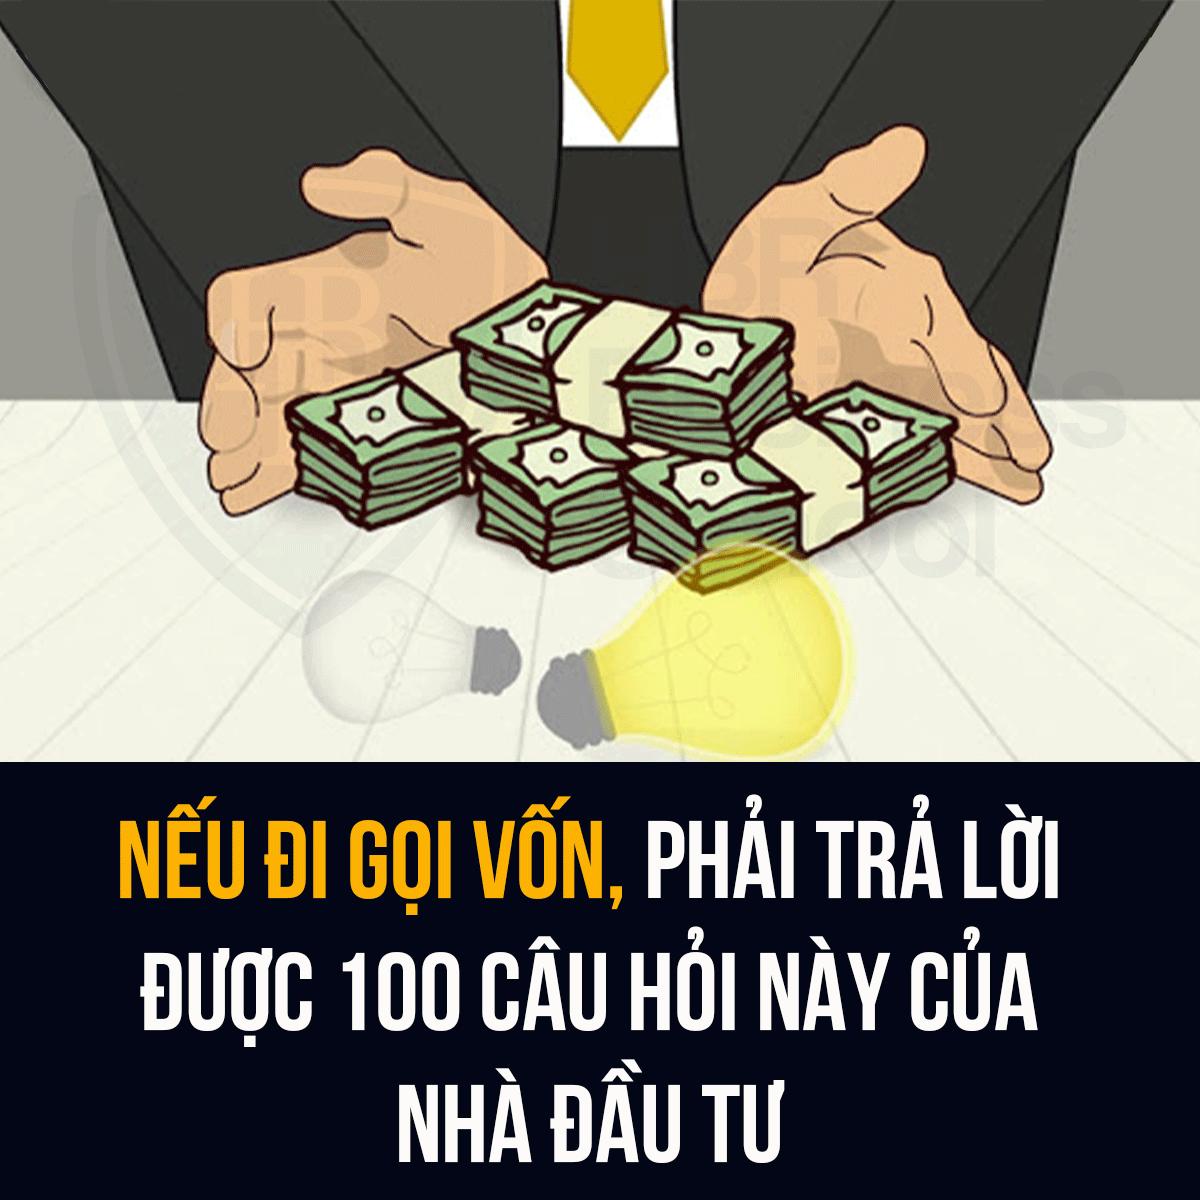 NẾU ĐI GỌI VỐN, PHẢI TRẢ LỜI ĐƯỢC 100 CÂU HỎI NÀY CỦA NHÀ ĐẦU TƯ